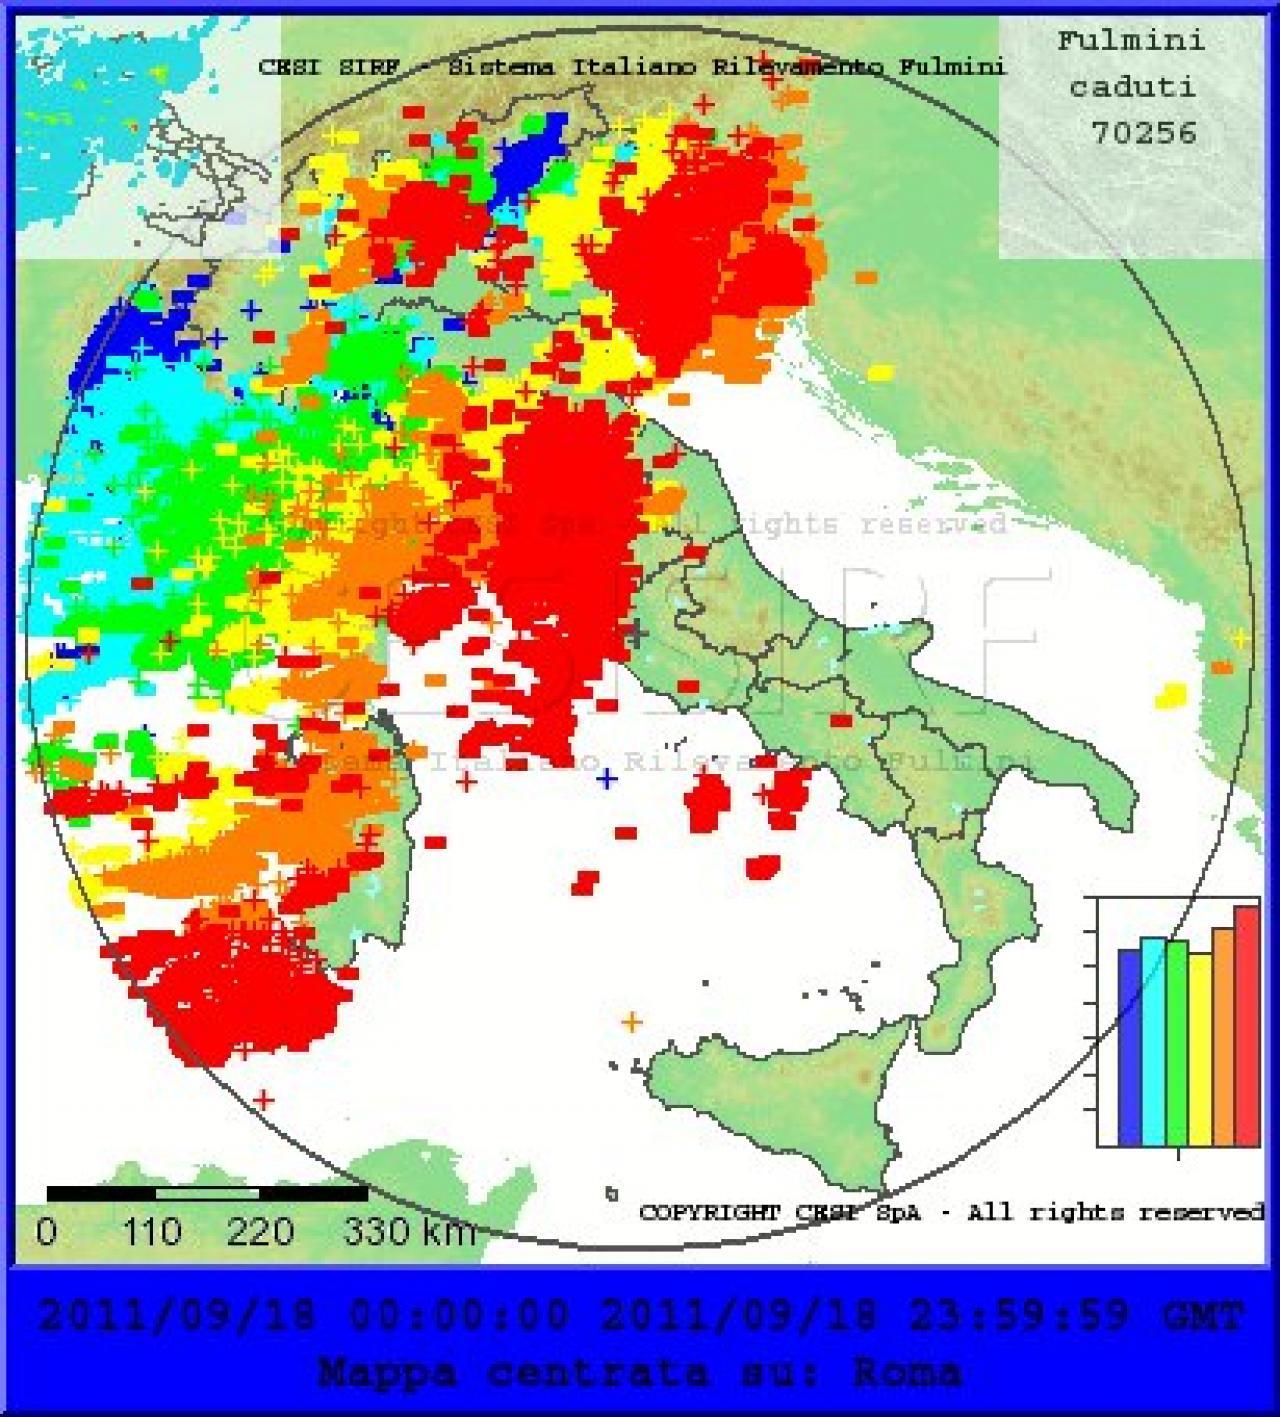 Cartina Toscana Dettagliata.Mappa Dettagliata Dei Fulmini Rilevati A Cura Del Cesi Record